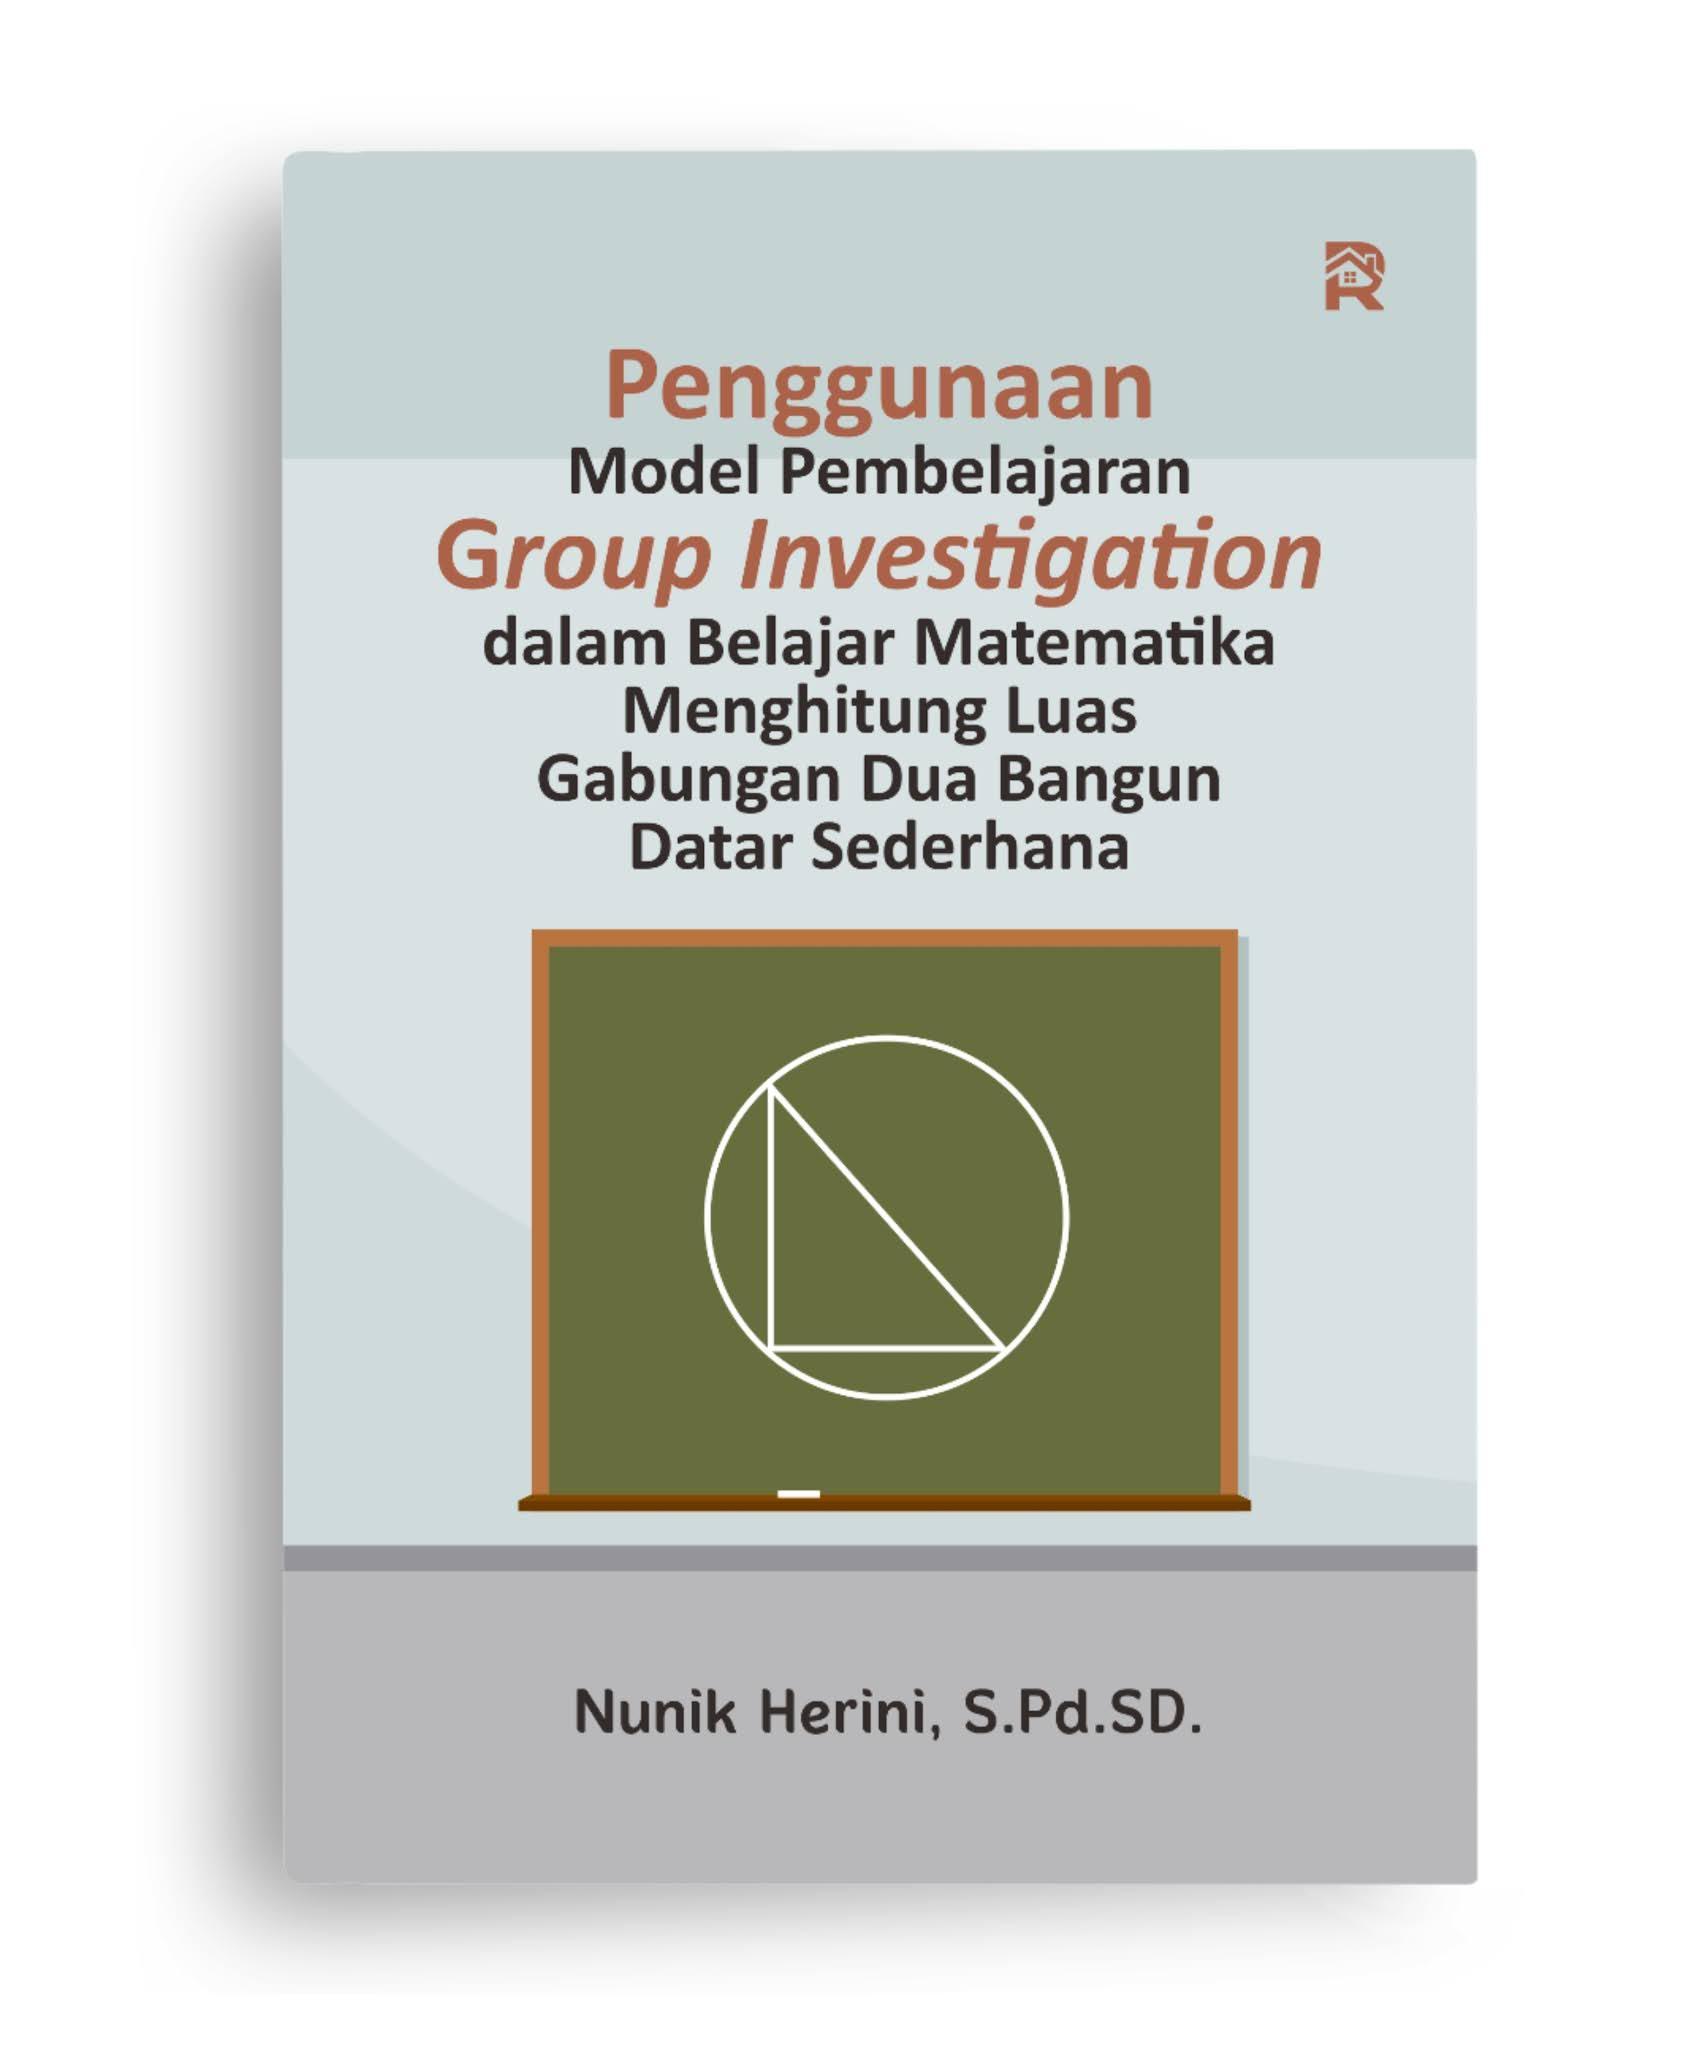 Penggunaan Model Pembelajaran Group Investigation dalam Belajar Matematika Menghitung Luas Gabungan Dua Bangun Datar Sederhana